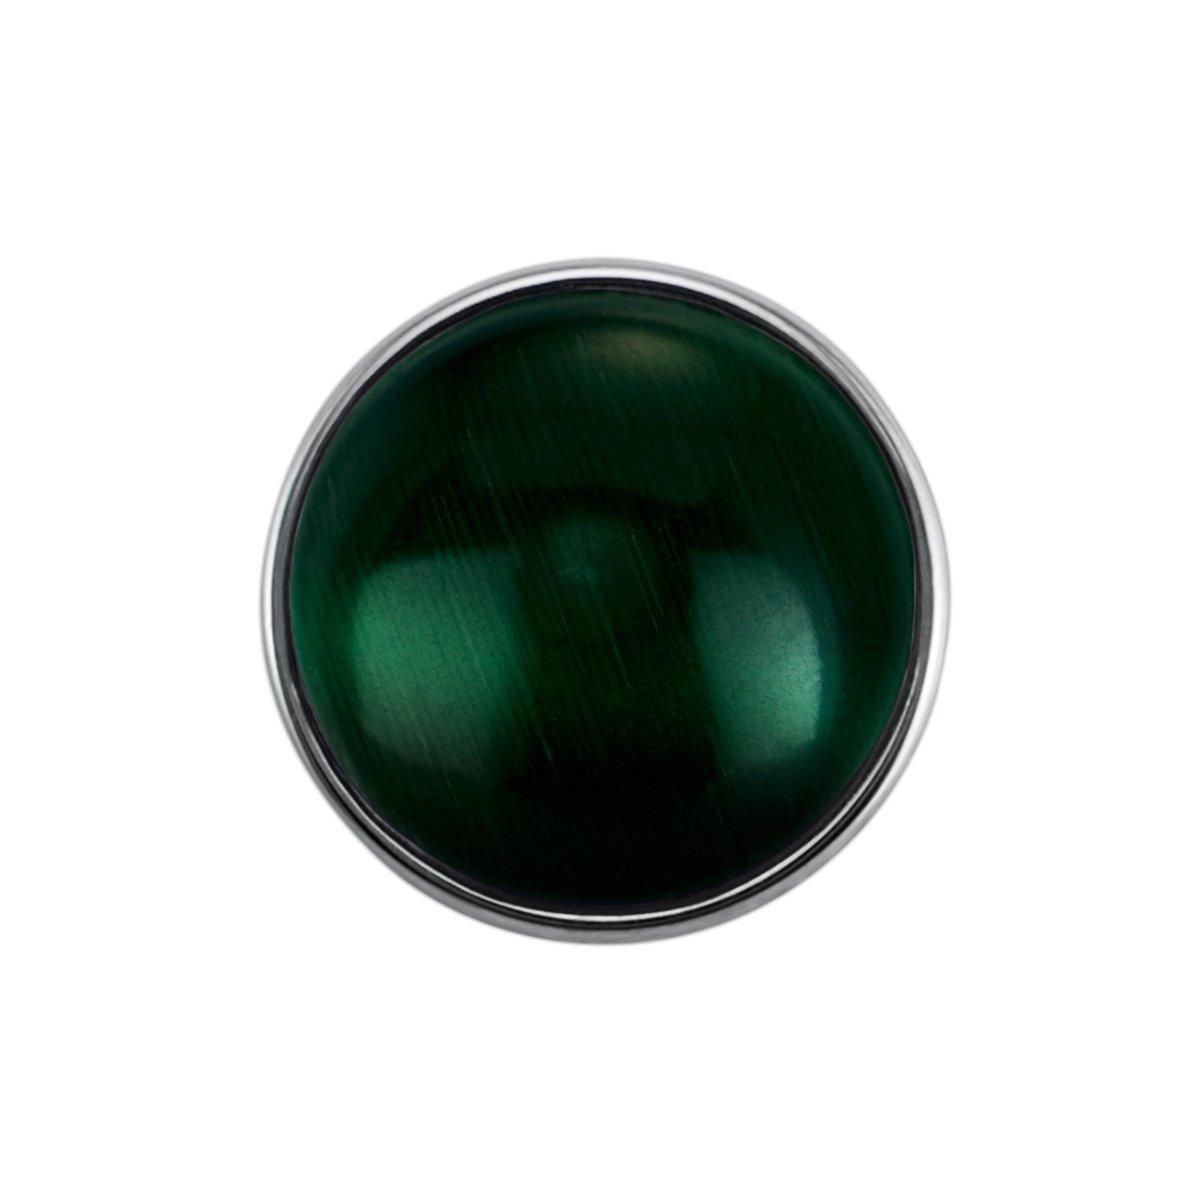 Quiges - Drukknoop Mini 12mm Cateye Donkergroen - EBCMK026 kopen